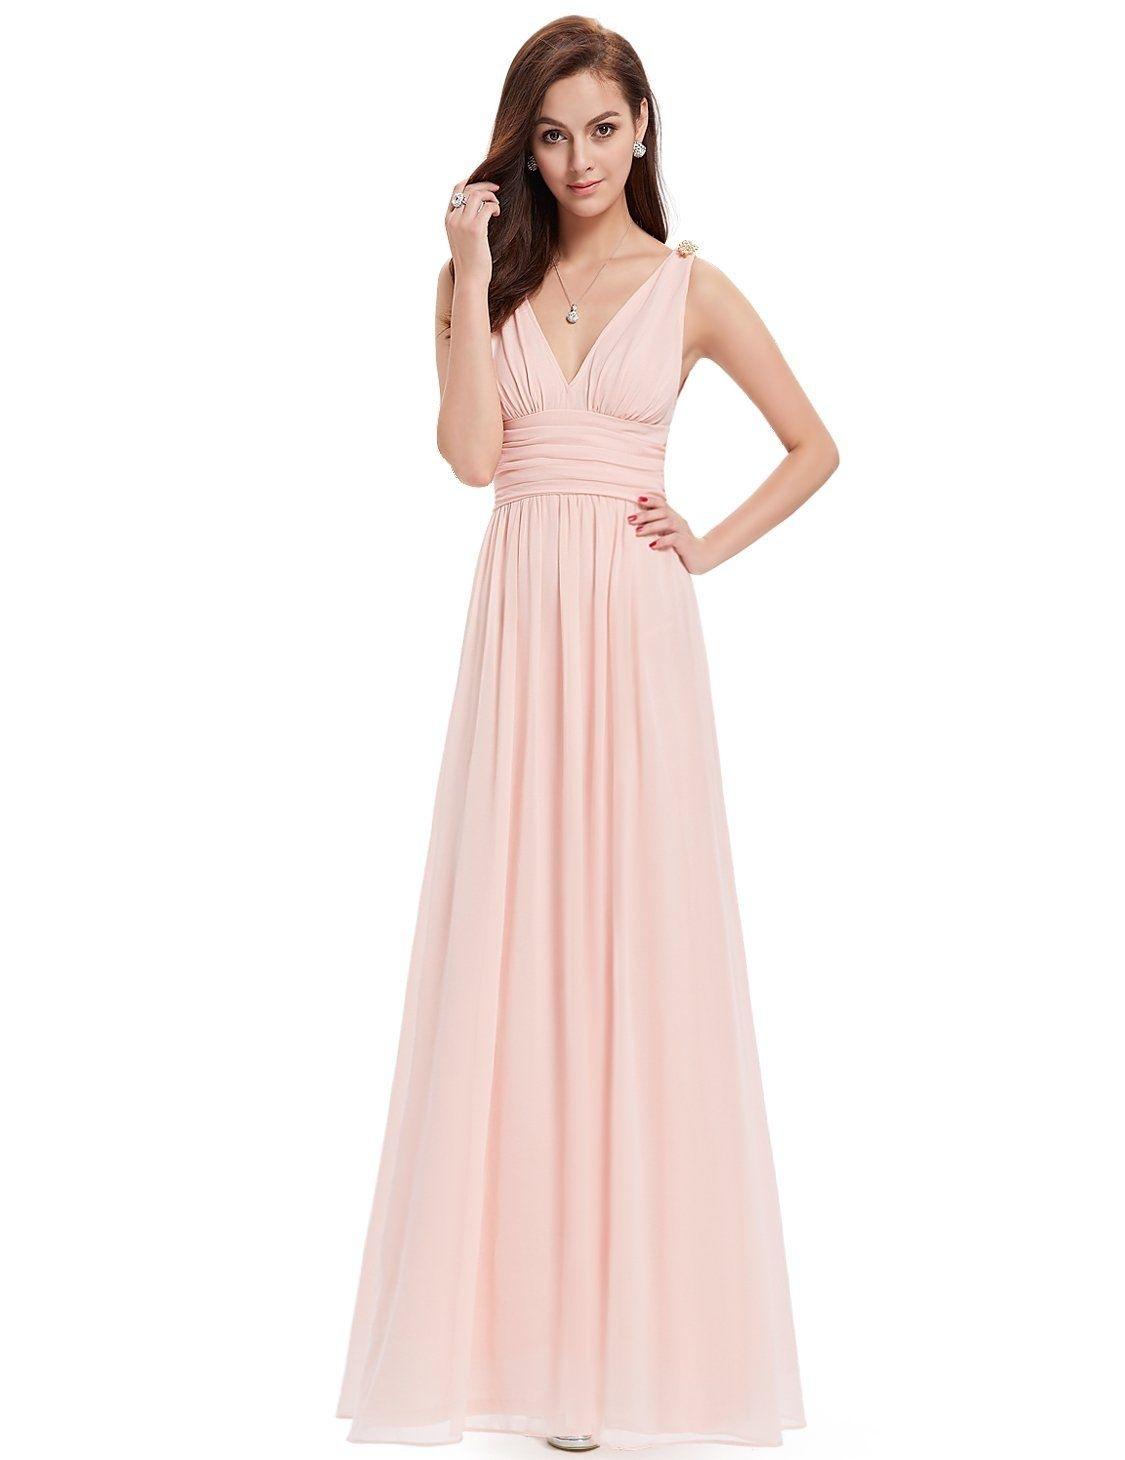 Abend Perfekt Kleid Hochzeitsgast Lang Ärmel13 Elegant Kleid Hochzeitsgast Lang Vertrieb